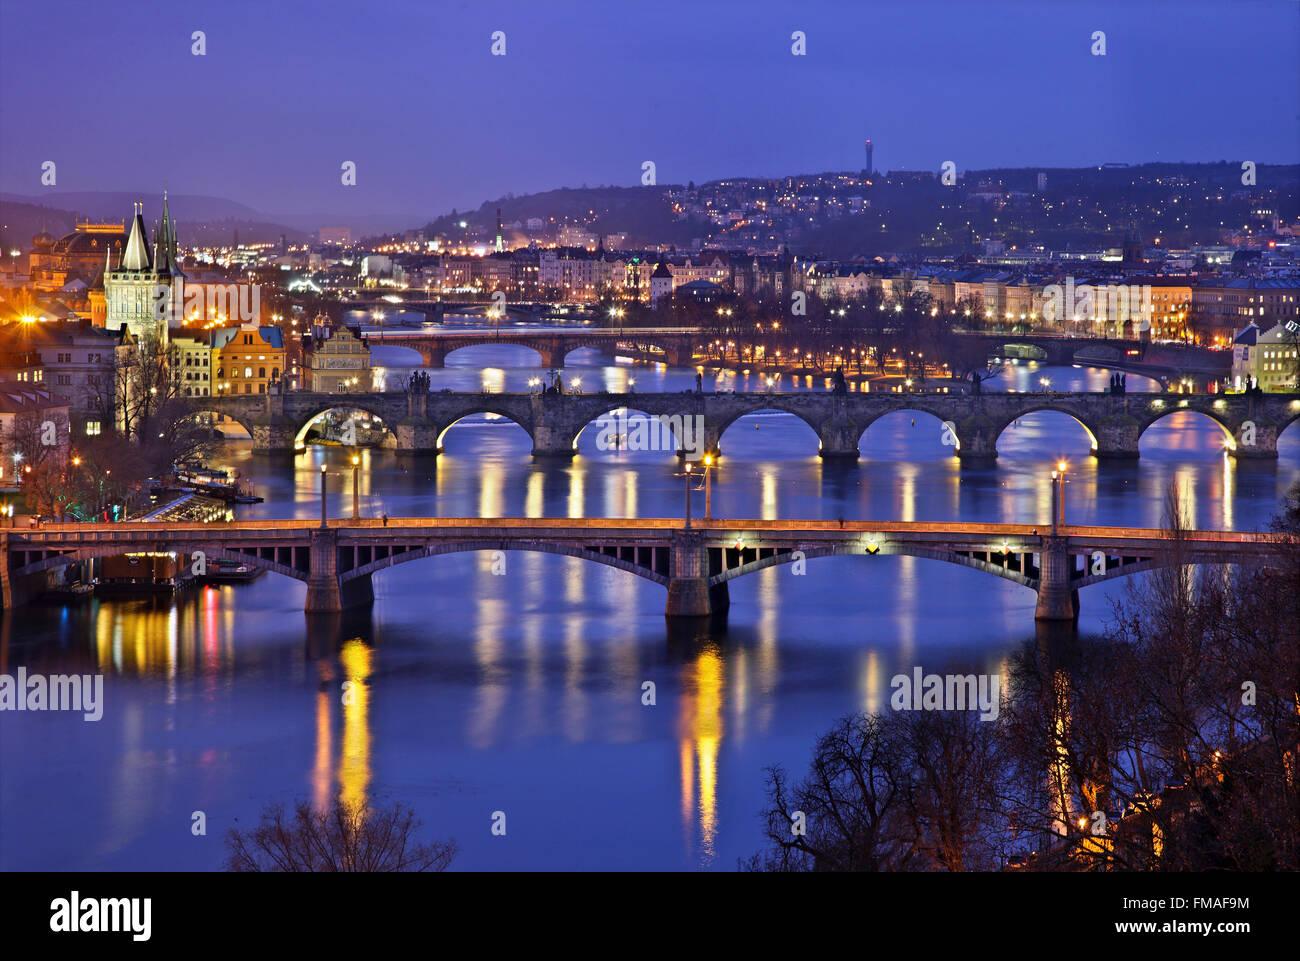 Brücken auf Vltava (Moldau), Fluss, Prag, Tschechische Republik. Die in der Mitte ist die berühmte Karlsbrücke. Stockbild